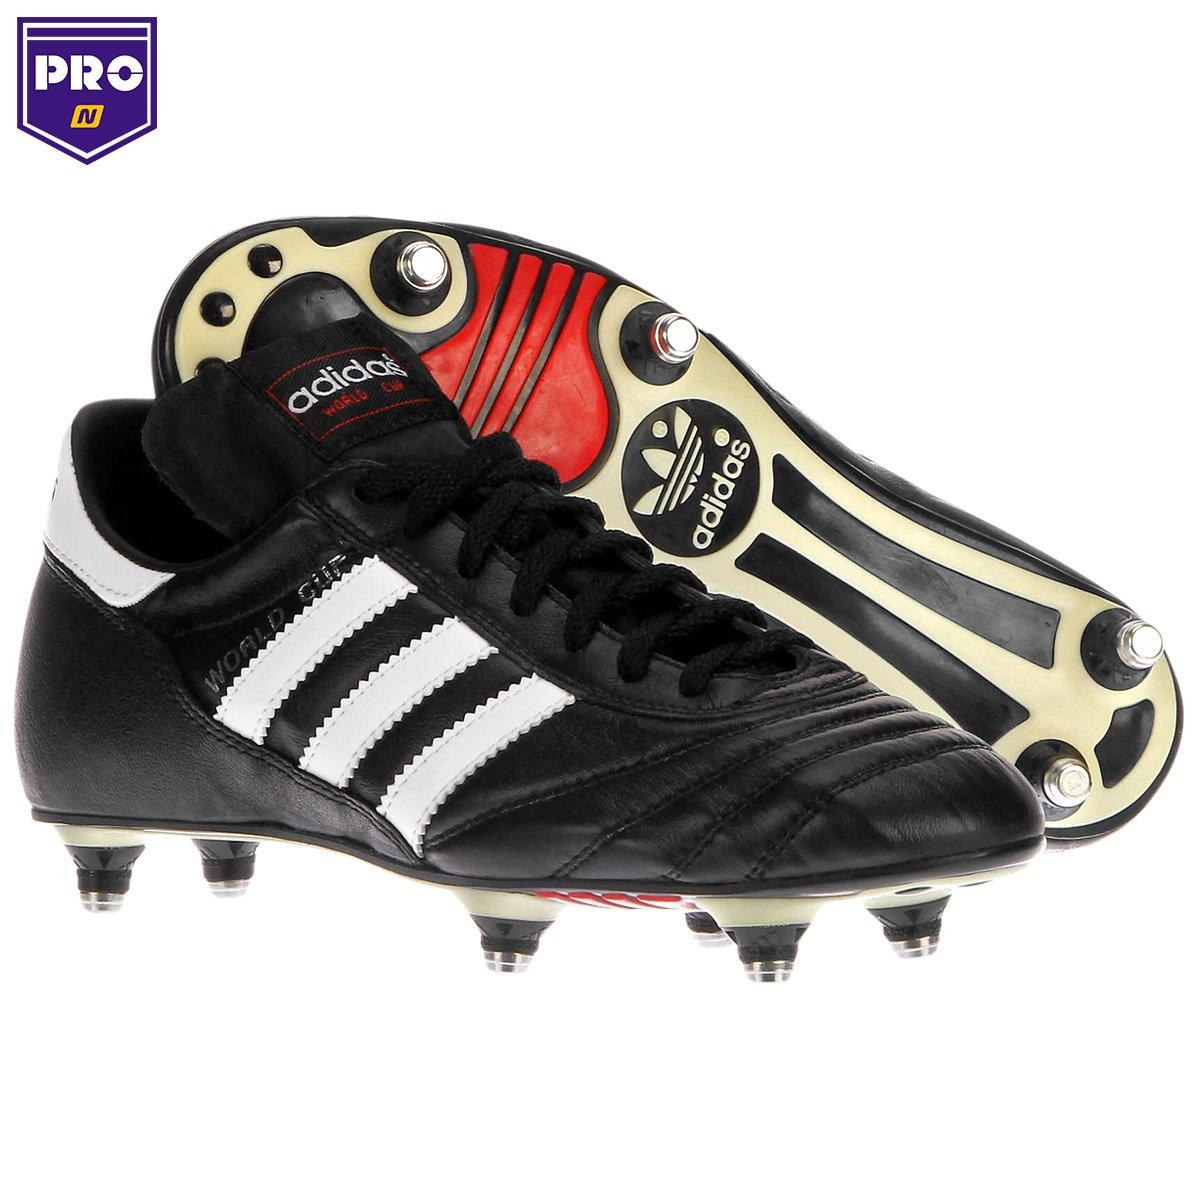 0e7ef0e338 Chuteira Adidas World Cup - Compre Agora